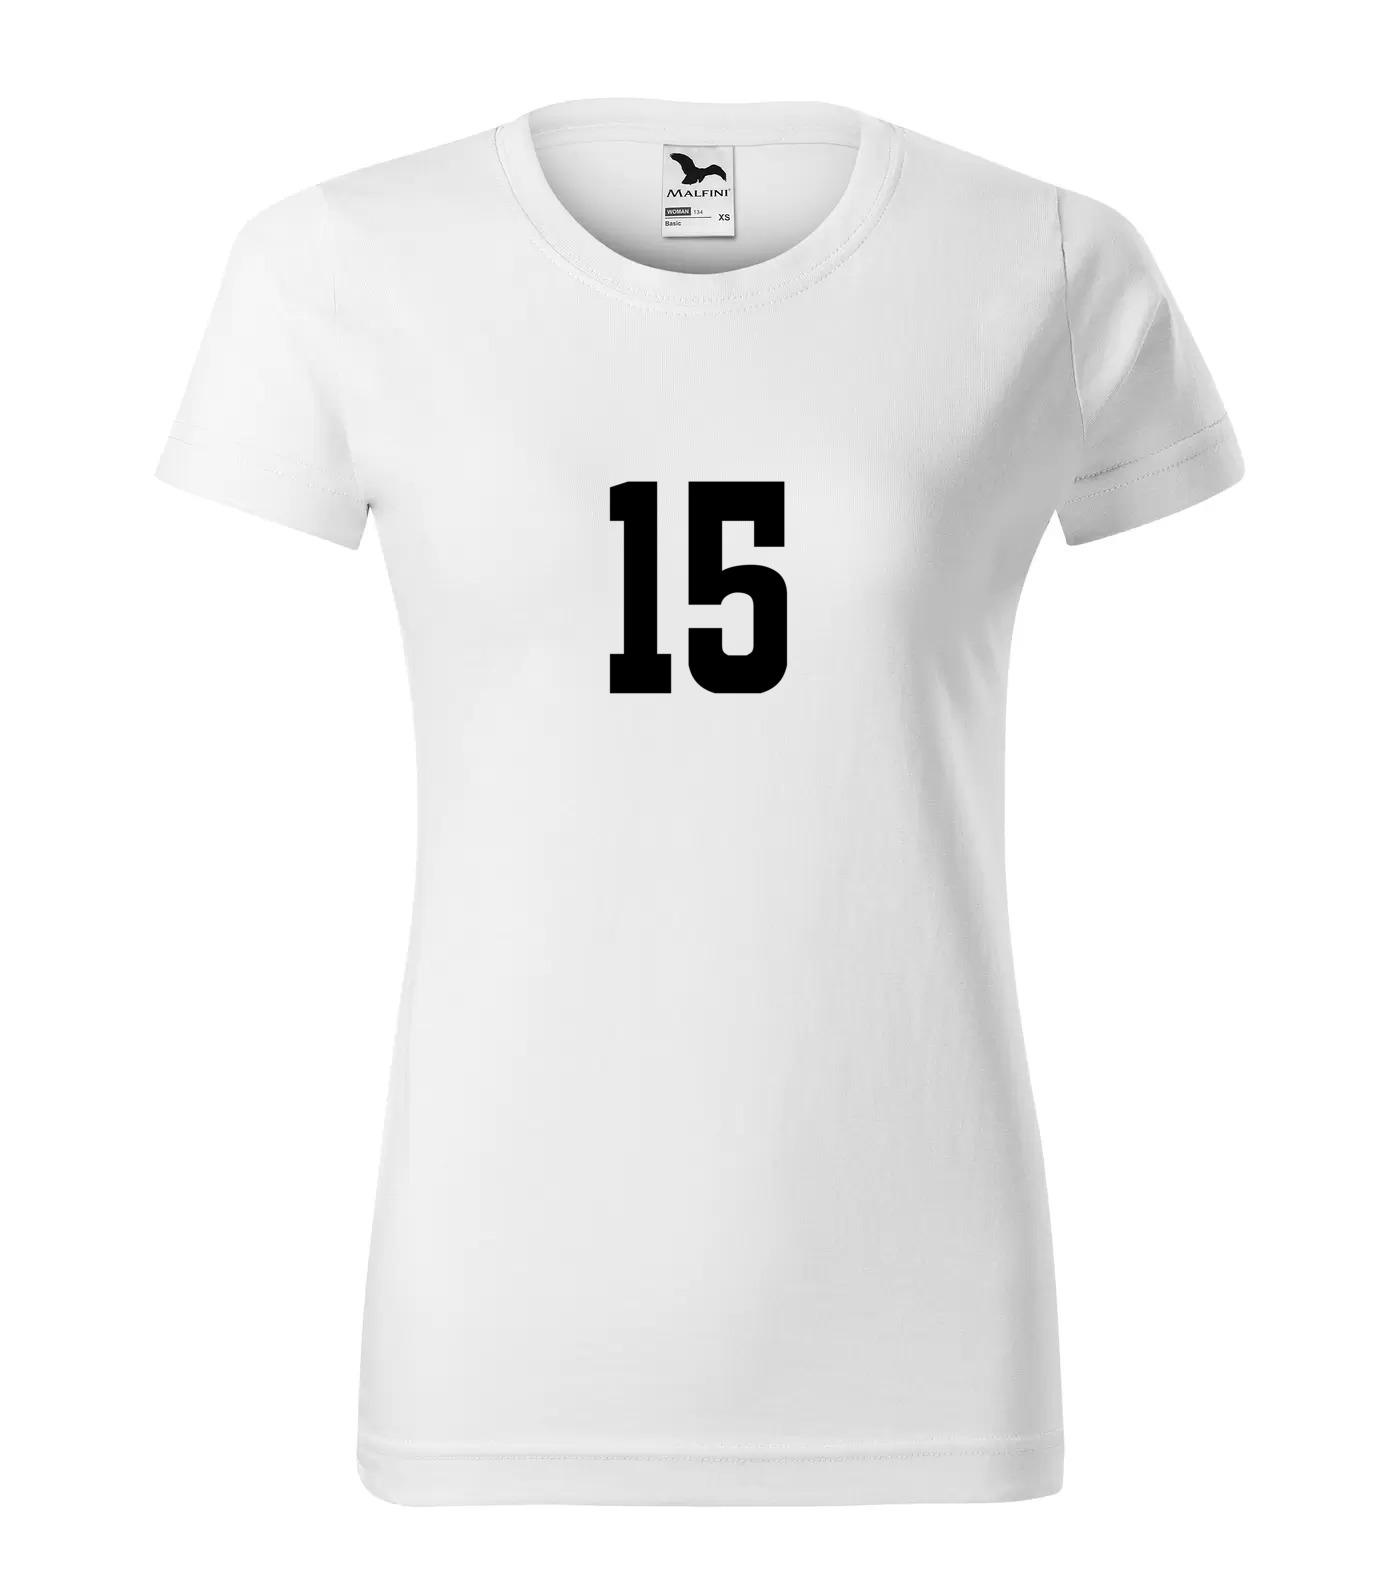 Tričko s číslem 15